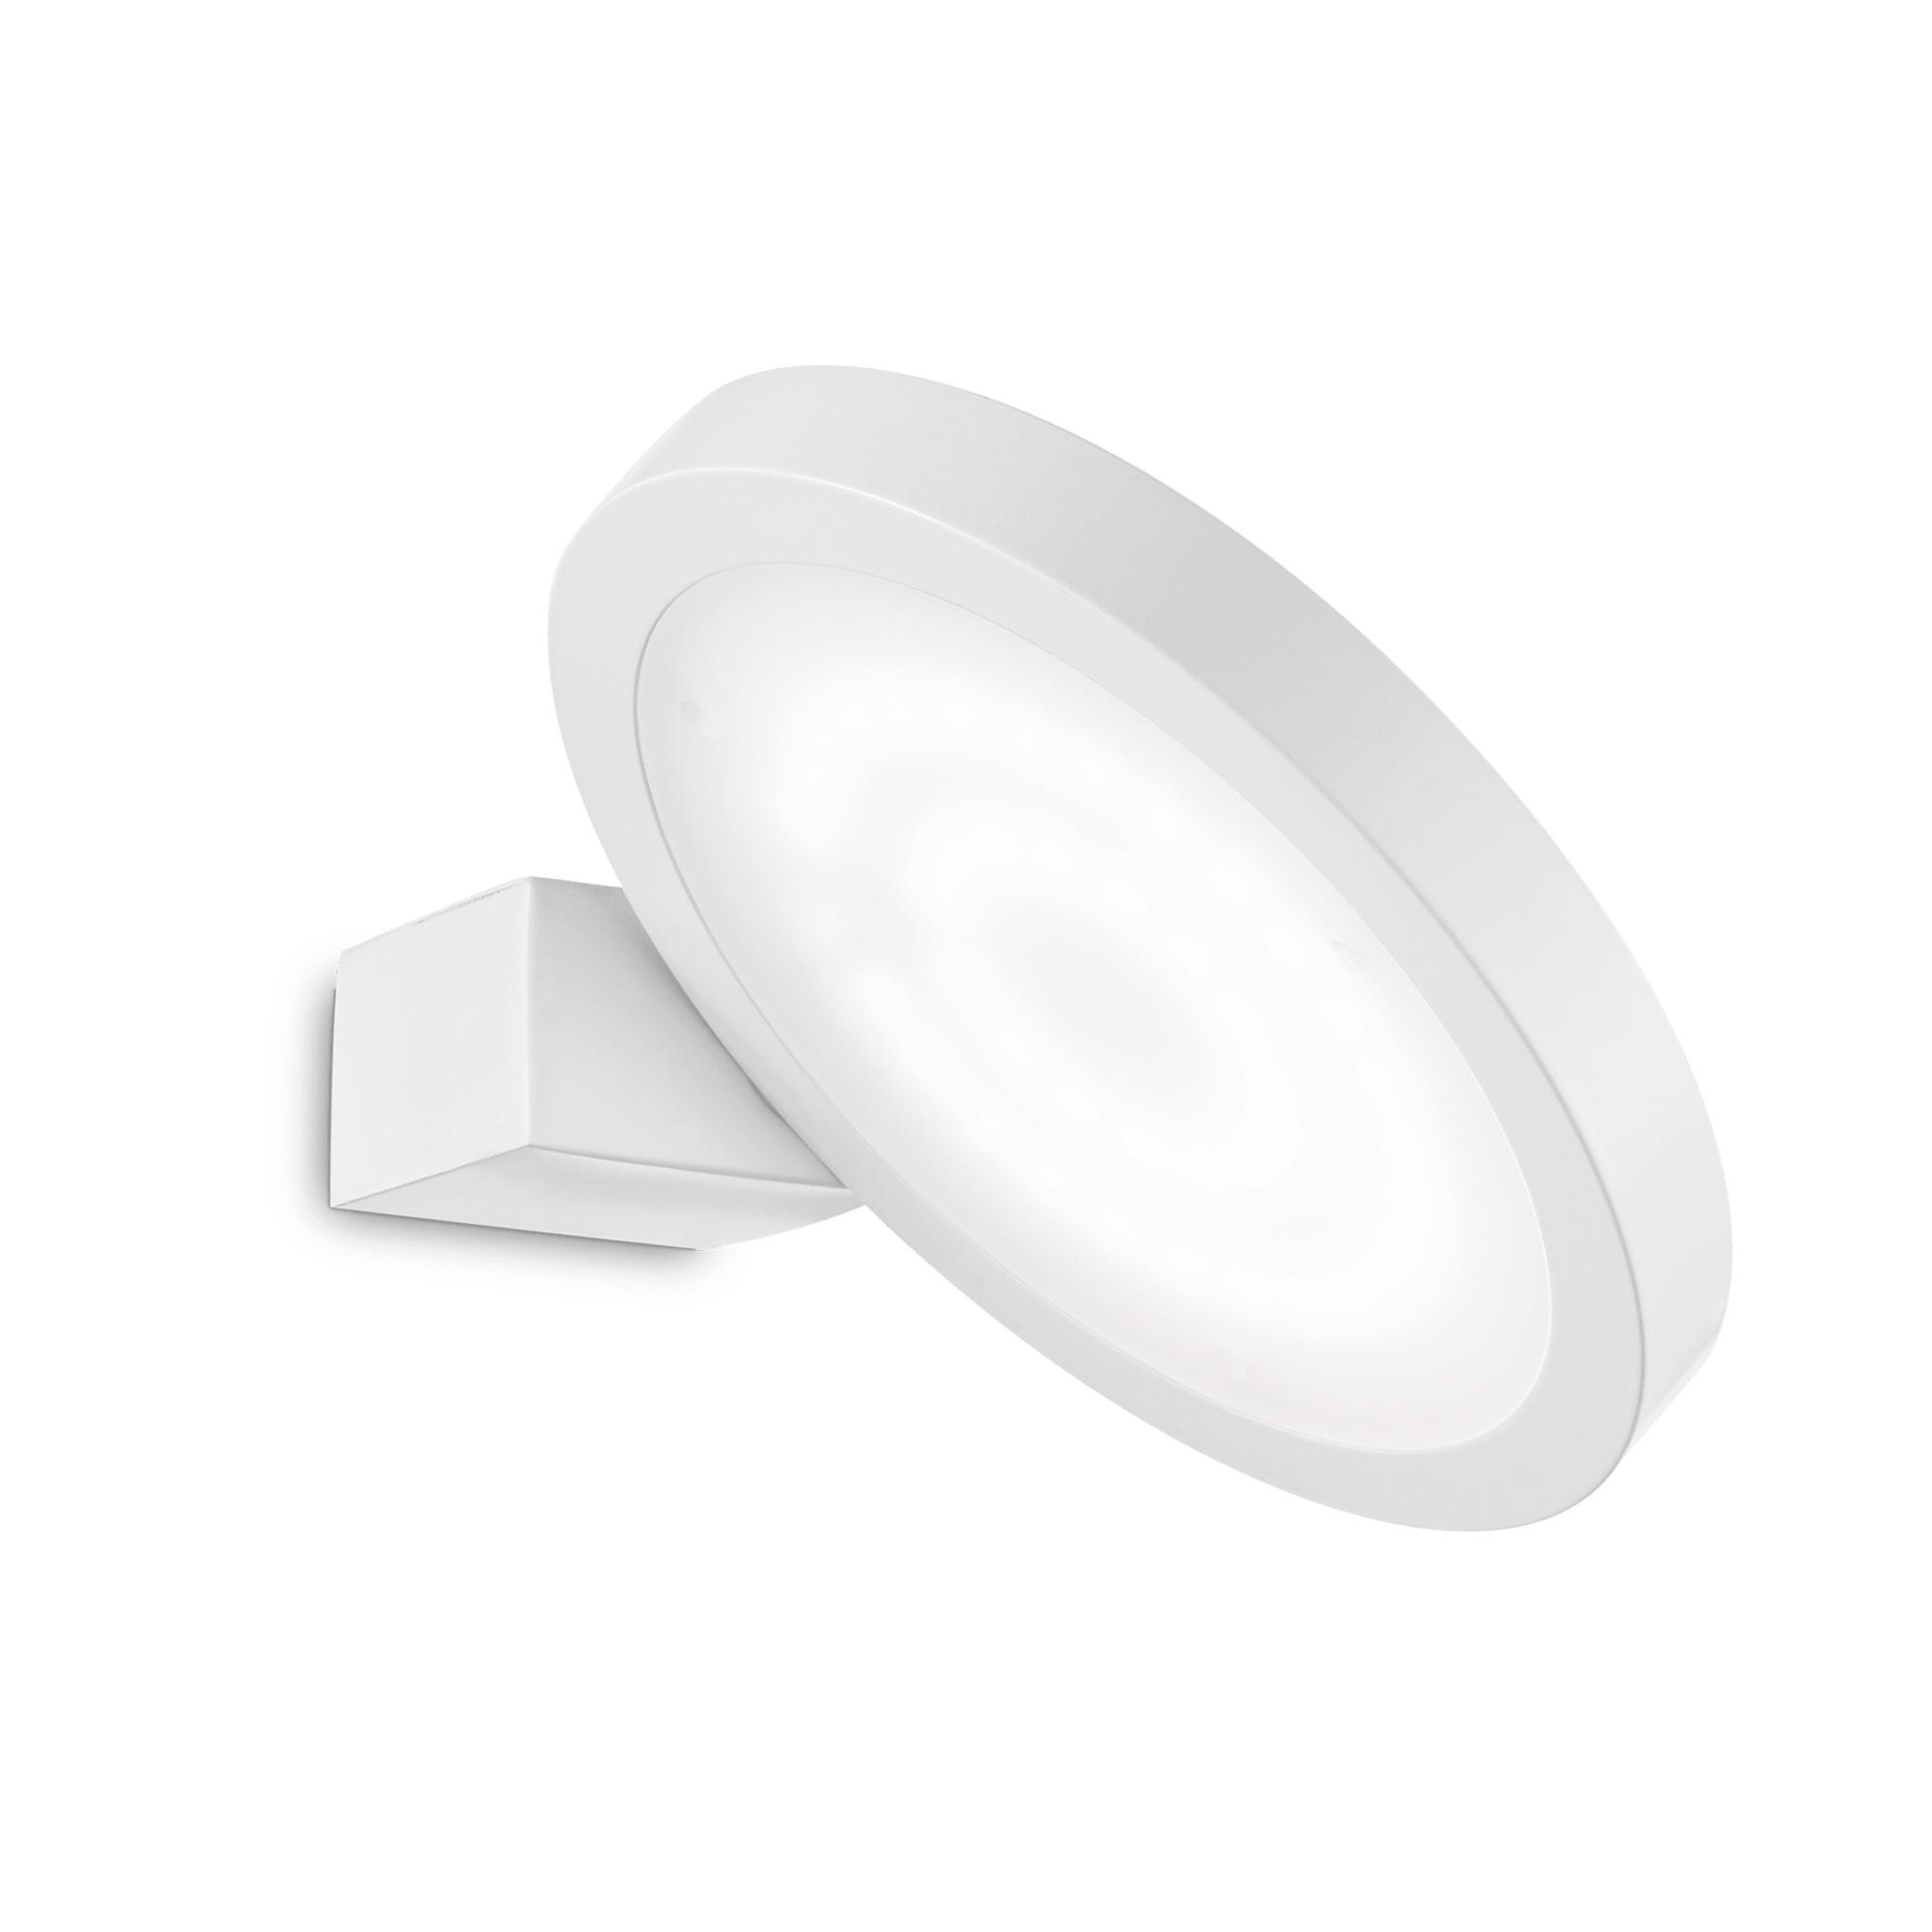 FLAP AP1 ROUND BIANCO накладной светильник белый